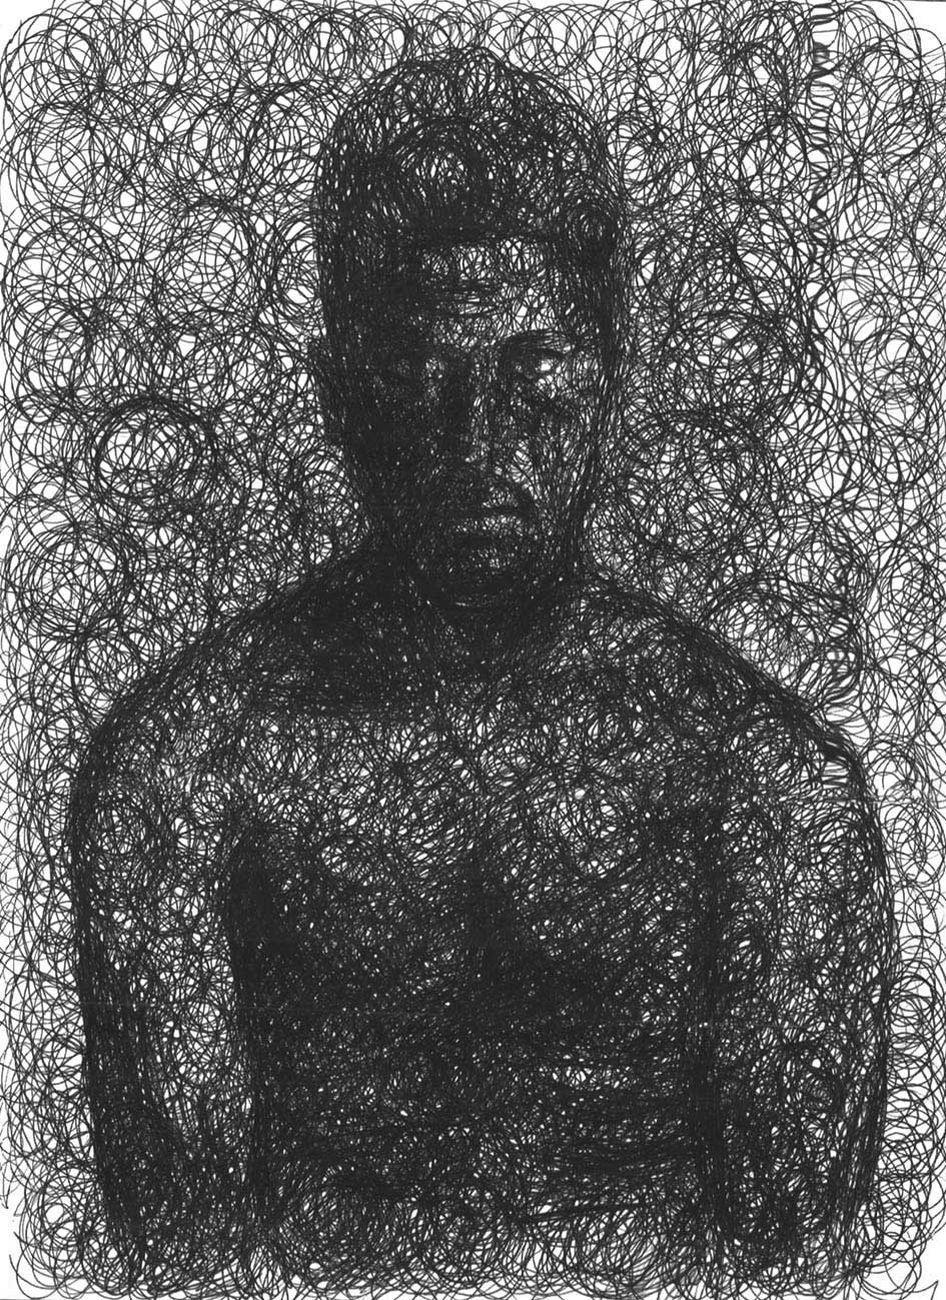 Francesco Cuna, Spleen Il morbo e il marmo 2, 2020, penna a sfera (biro) su carta, 24x33 cm